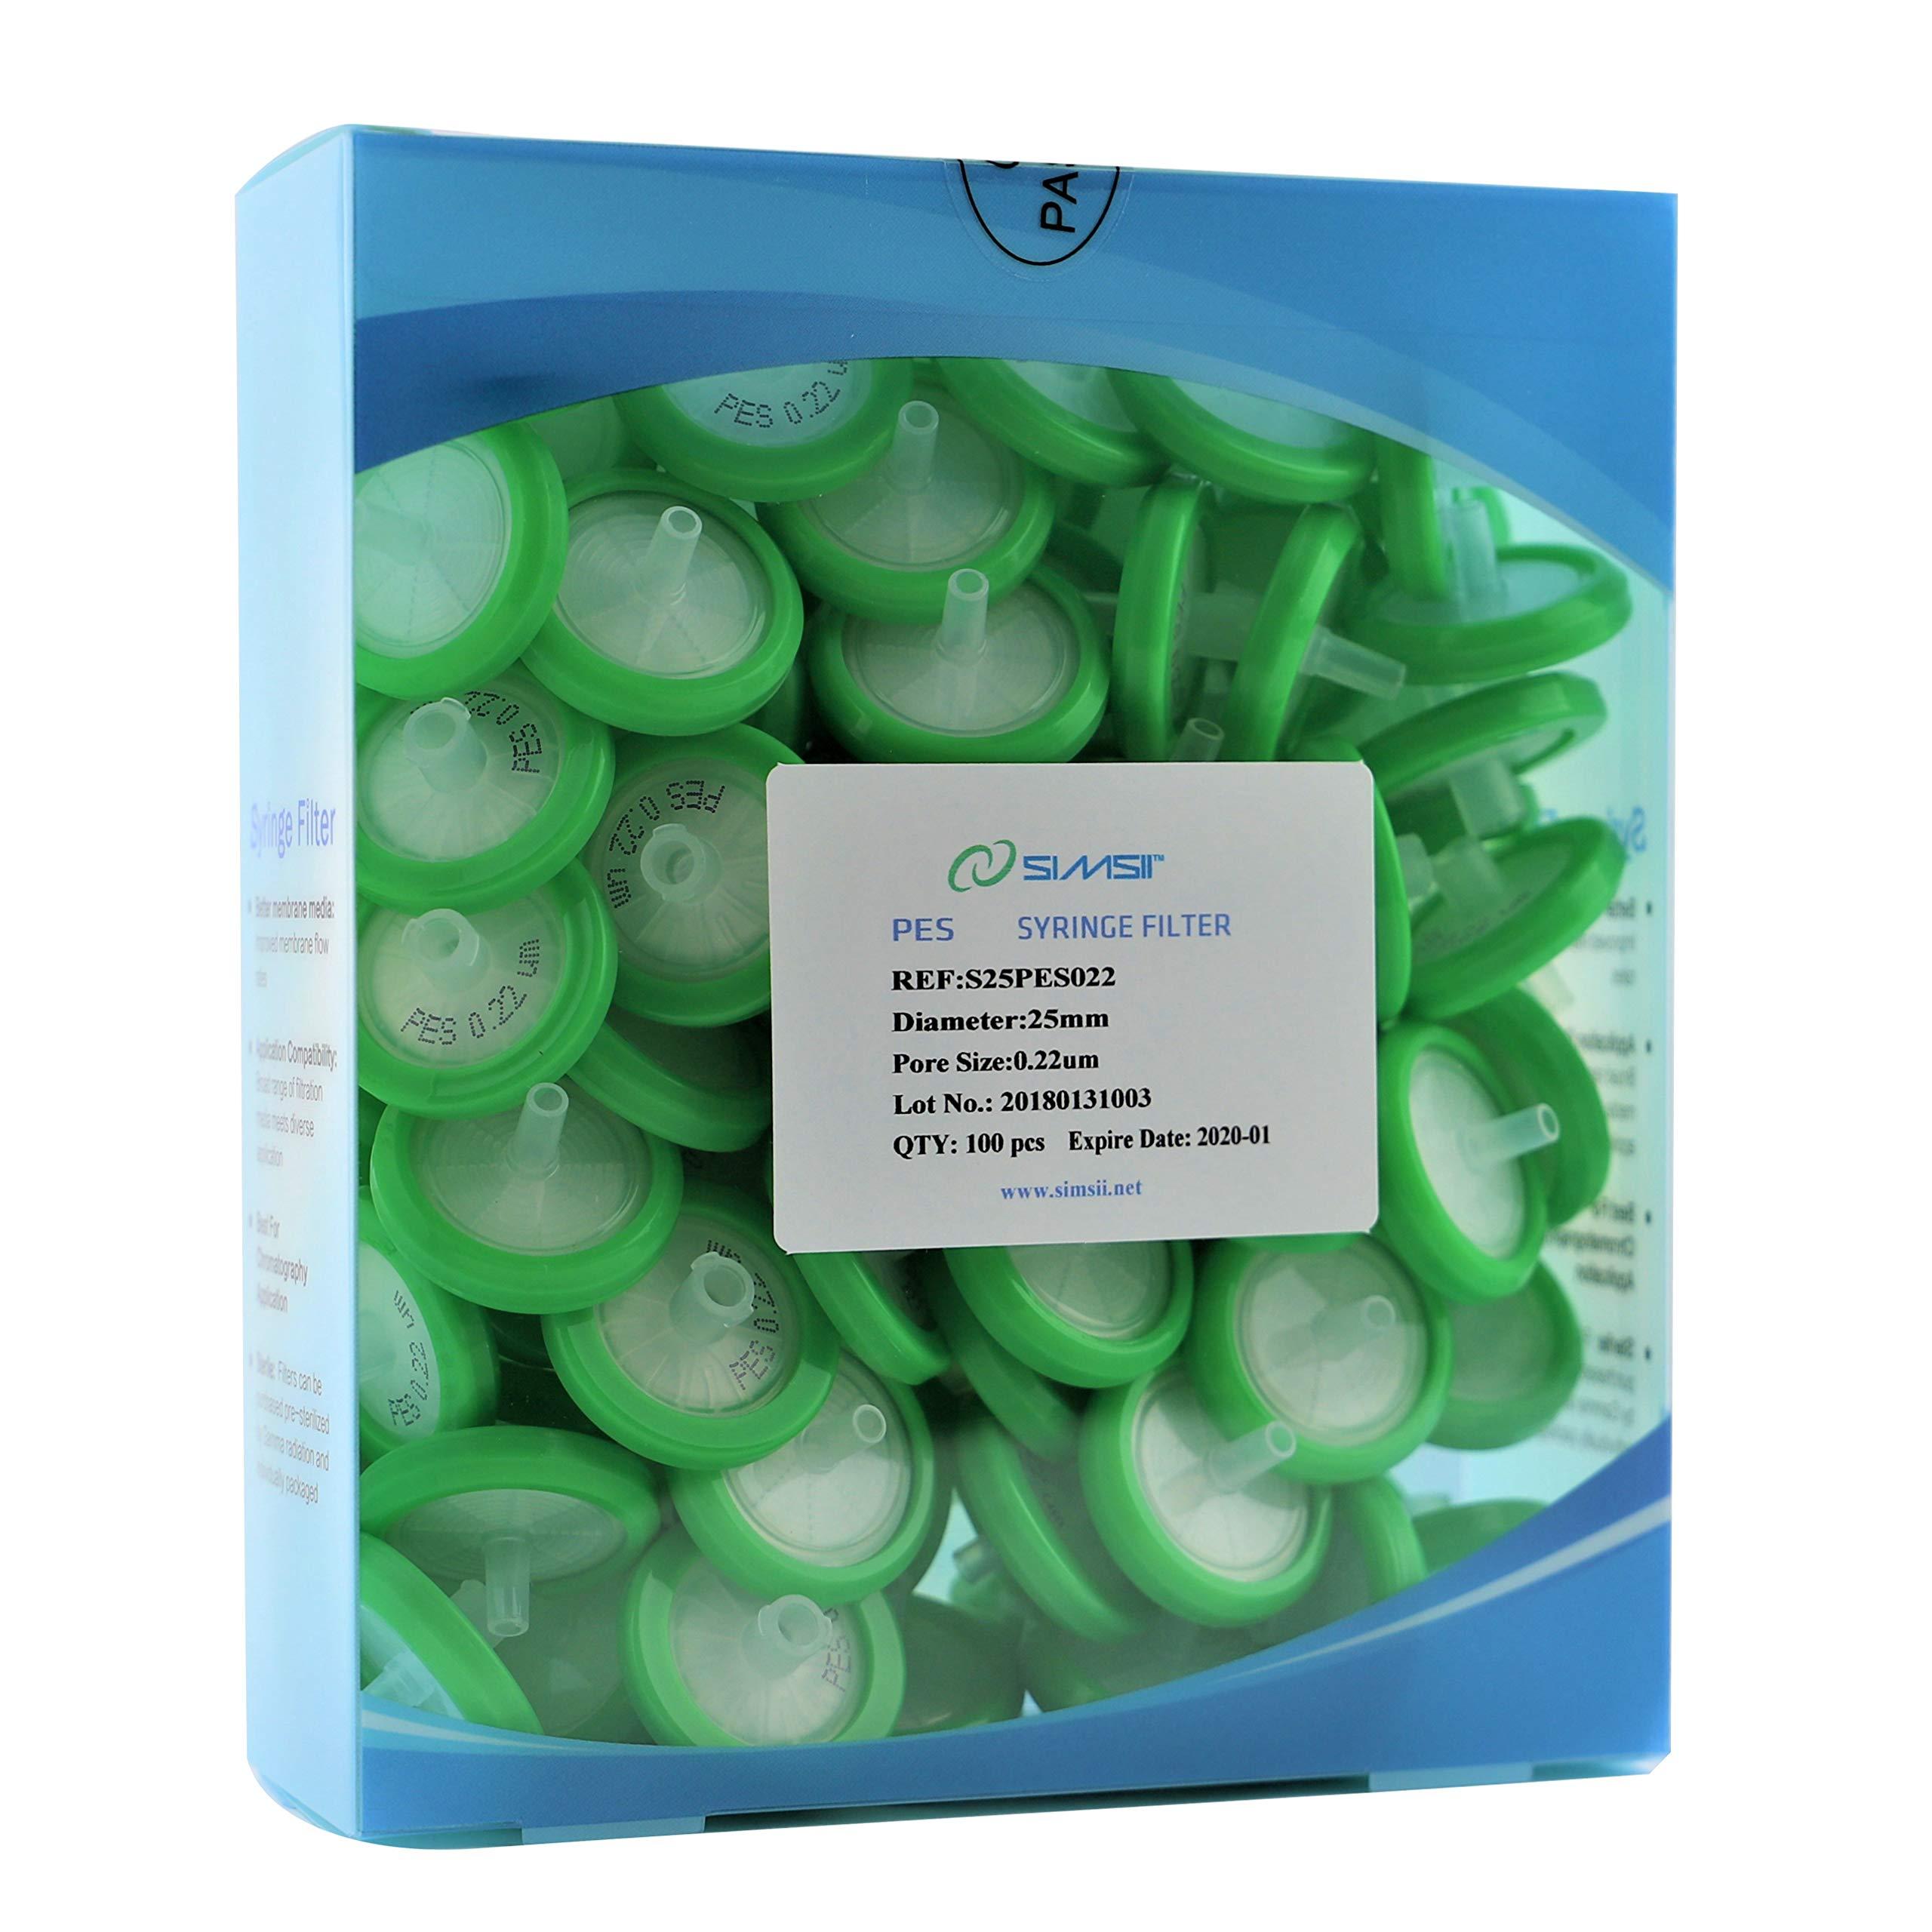 Simsii Syringe Filter, PES, Non-sterile, Diameter 25 mm, Pore Size 0.22 μm, 100/pack